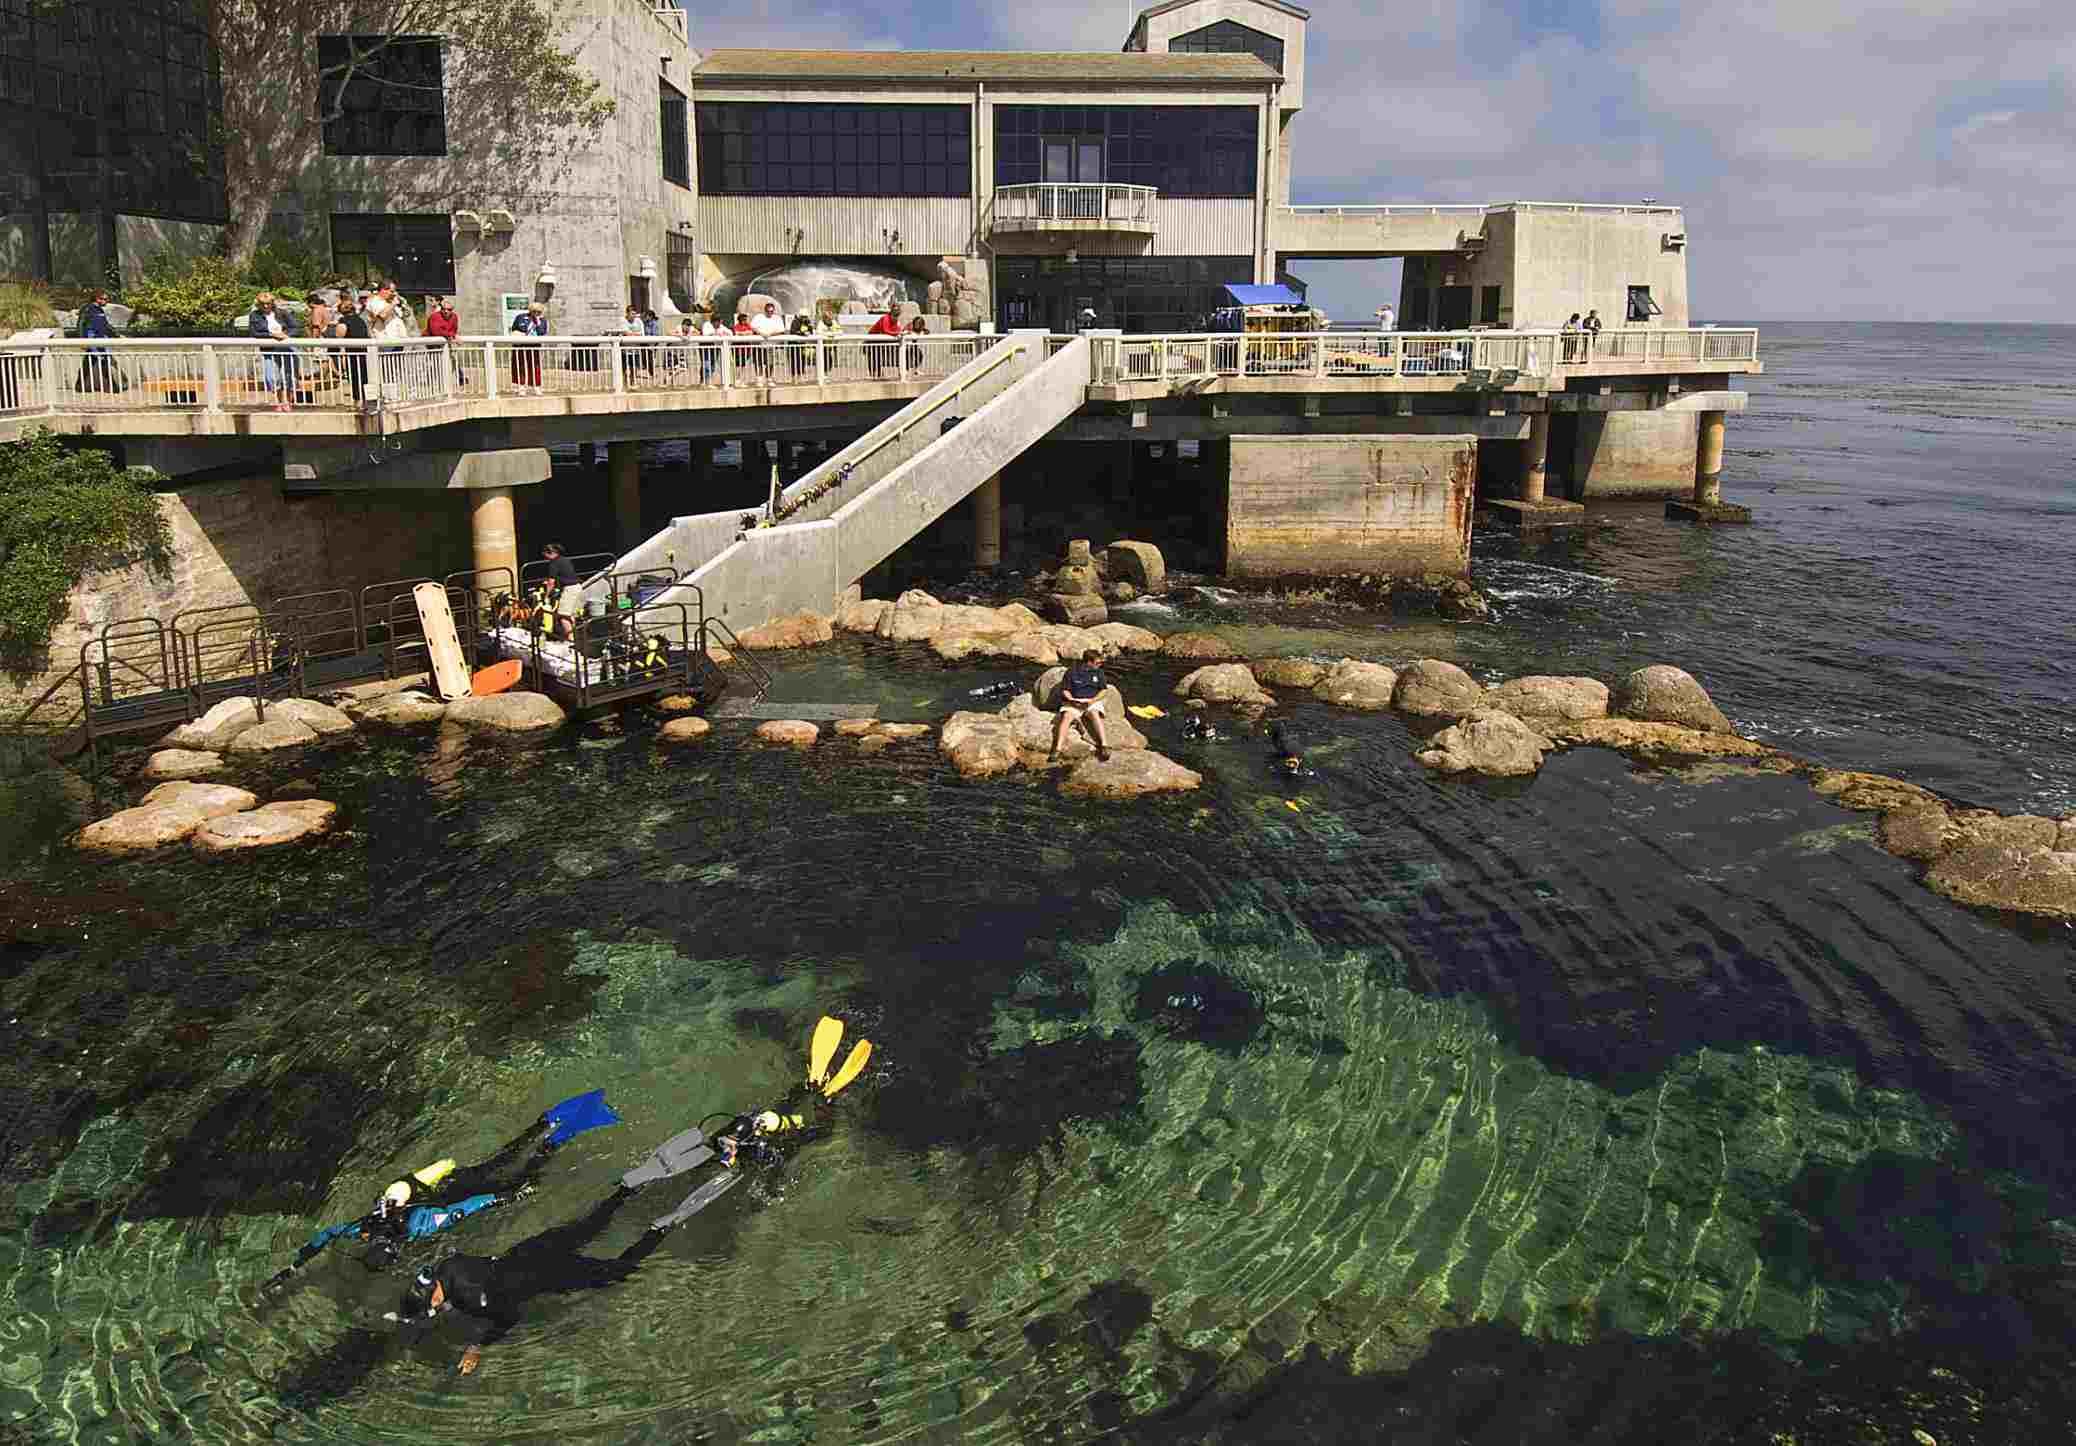 Novice divers expore man made tidal pool, Monterey Bay Aquarium.